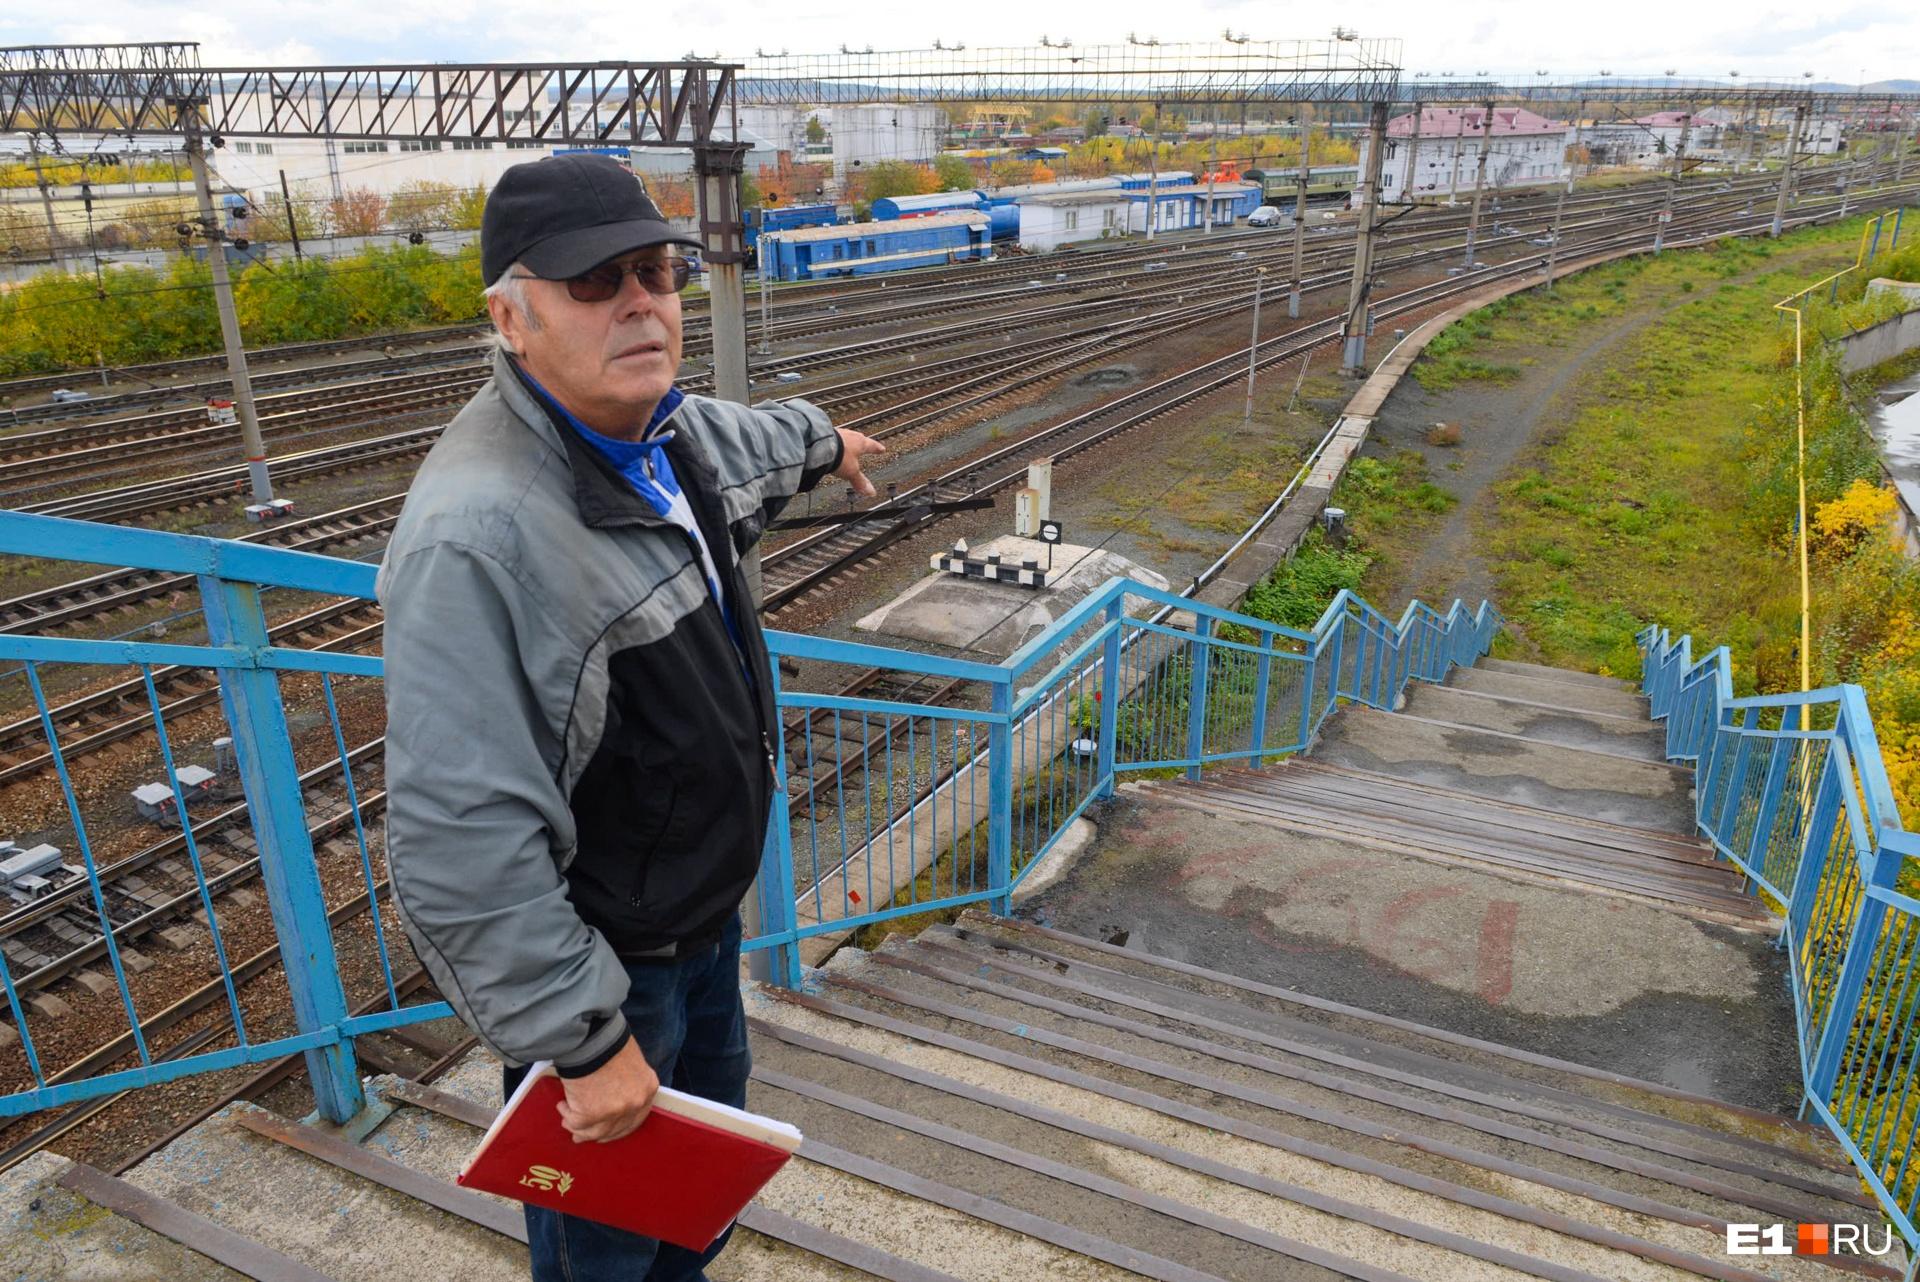 Владимир Матюшенко показывает на участок путей, где столкнулись вагоны